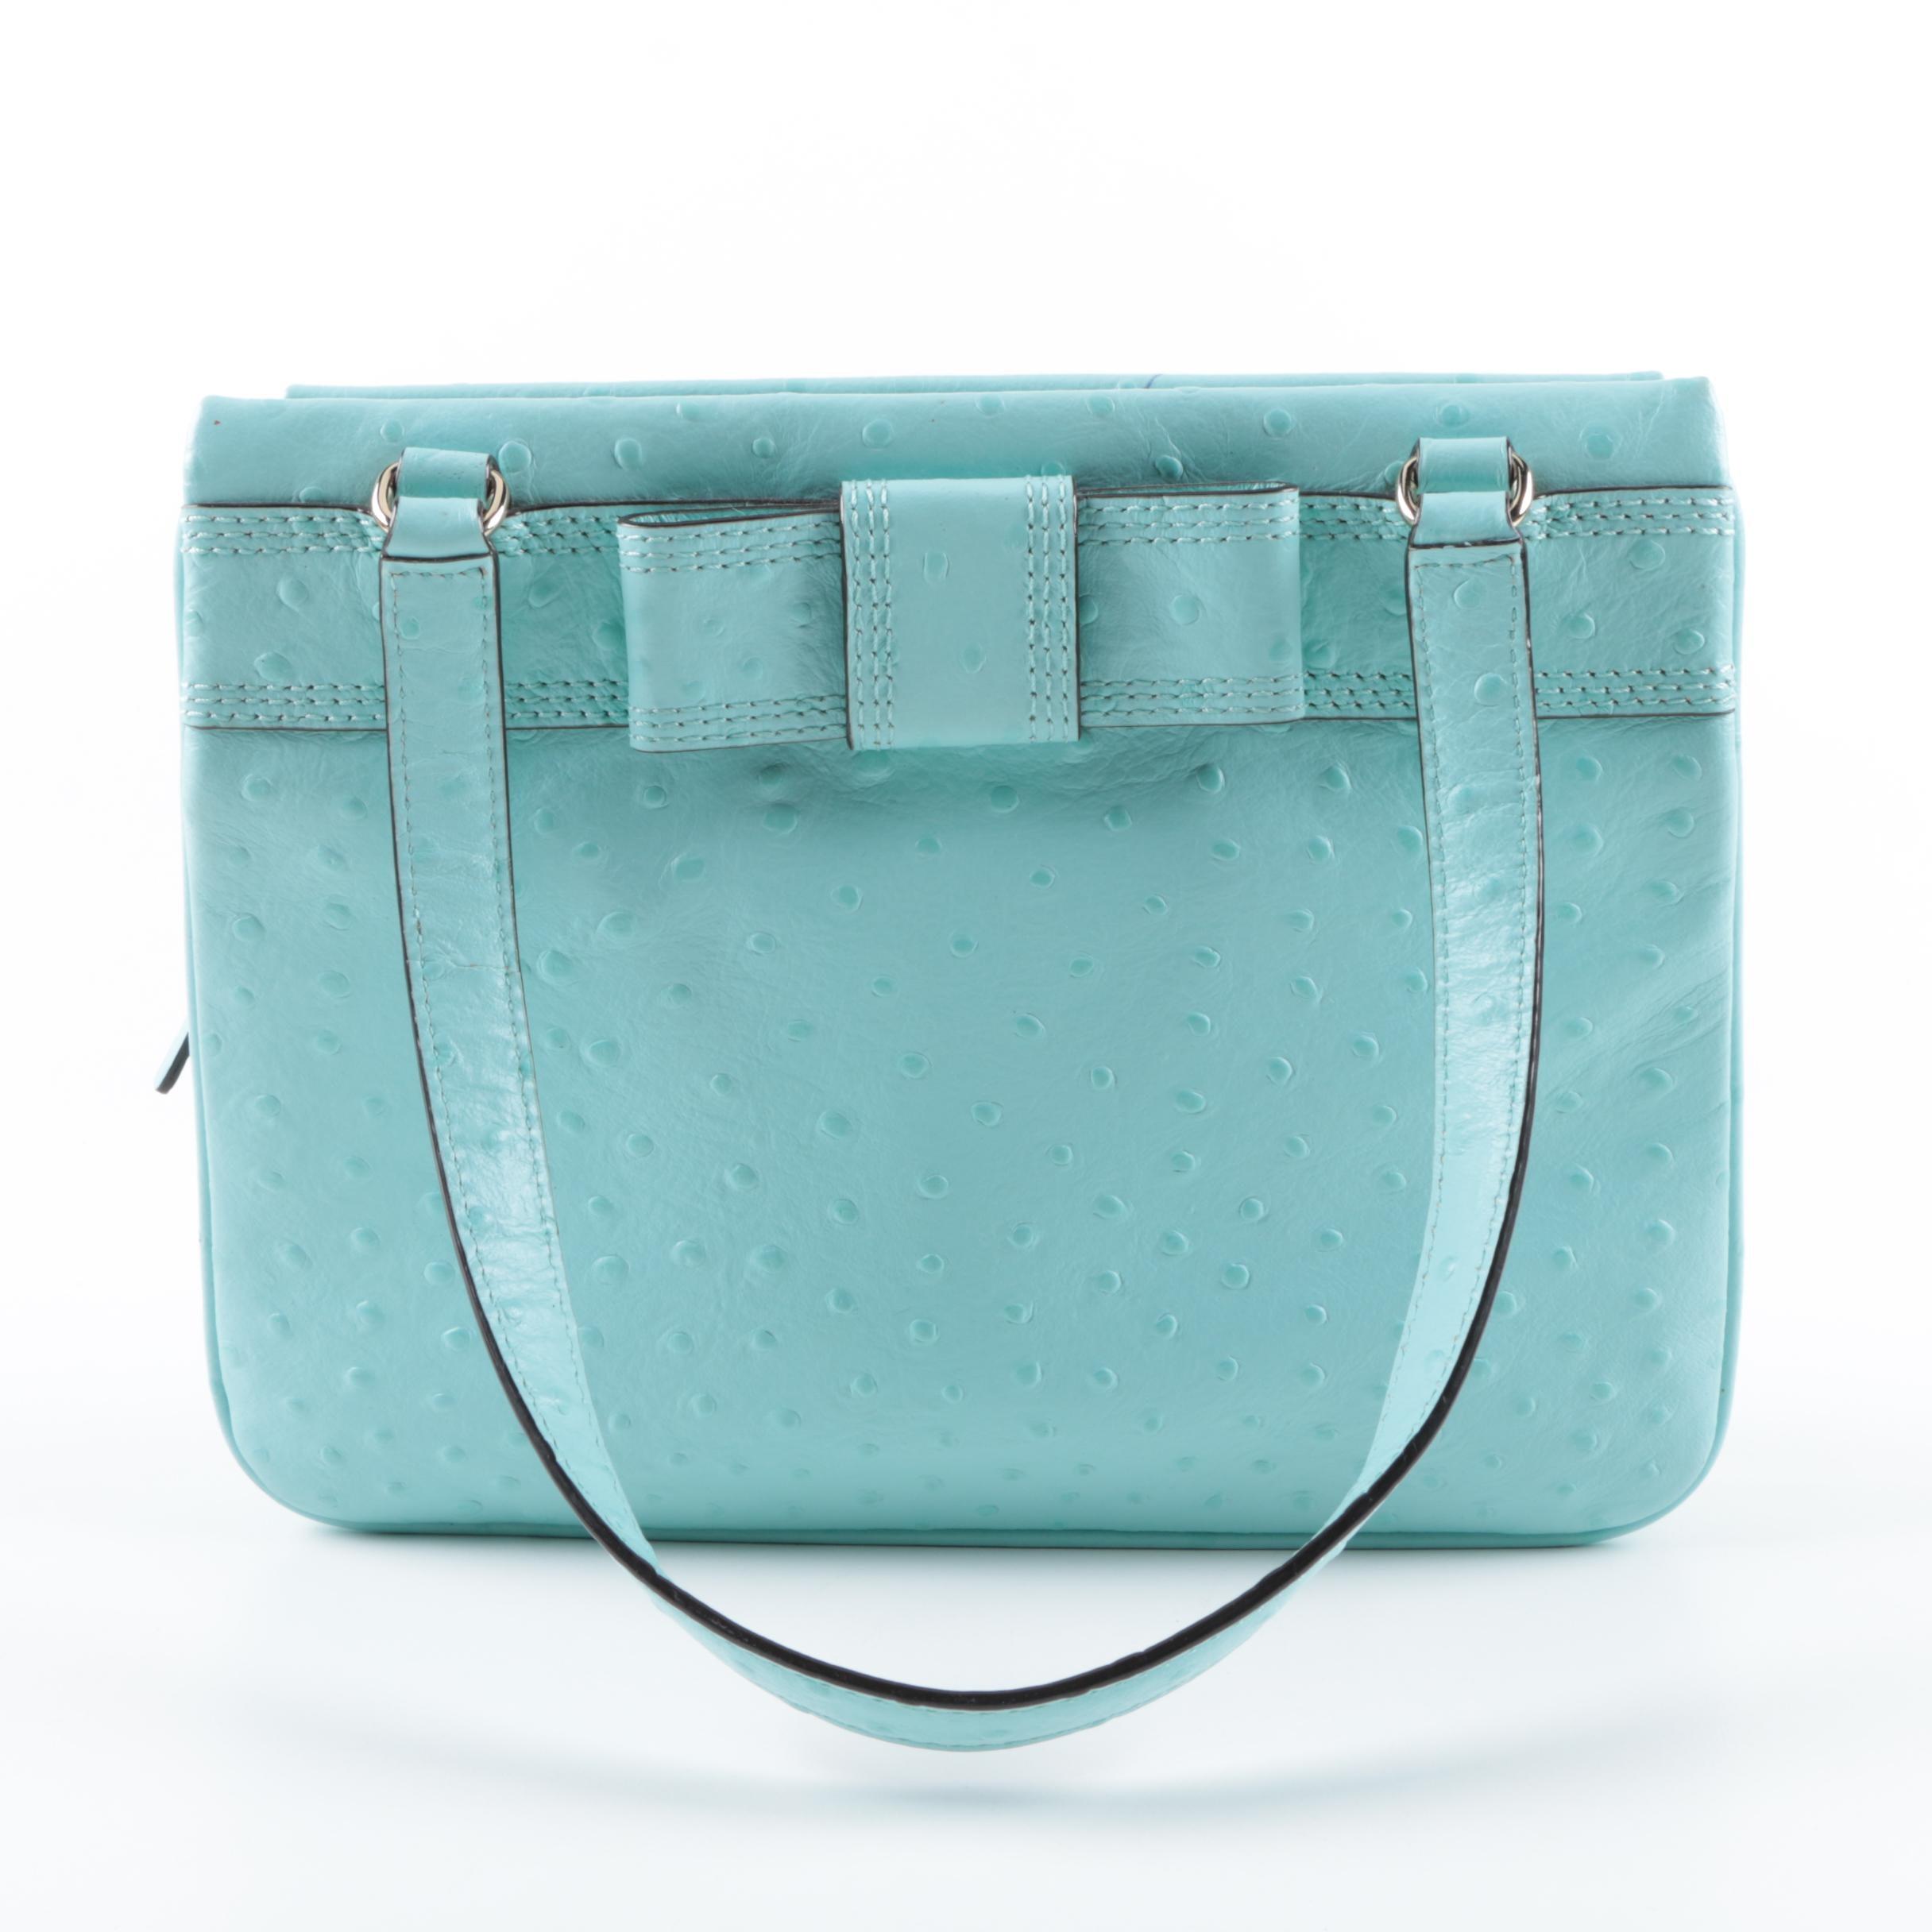 Kate Spade Turquoise Embossed Leather Handbag